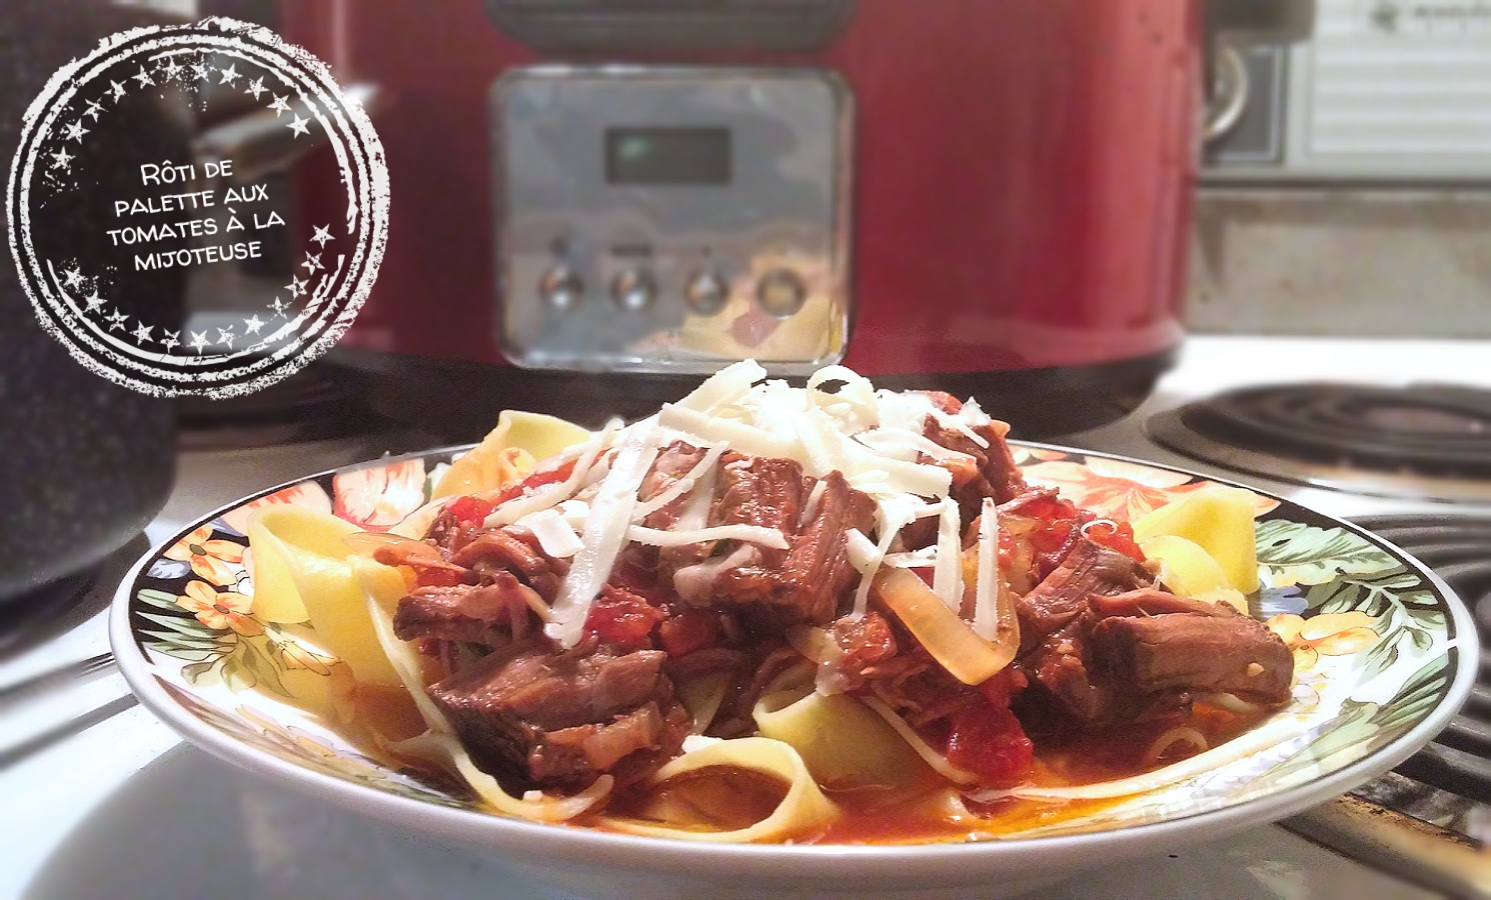 Rôti de palette aux tomates à la mijoteuse - Auboutdelalangue.com